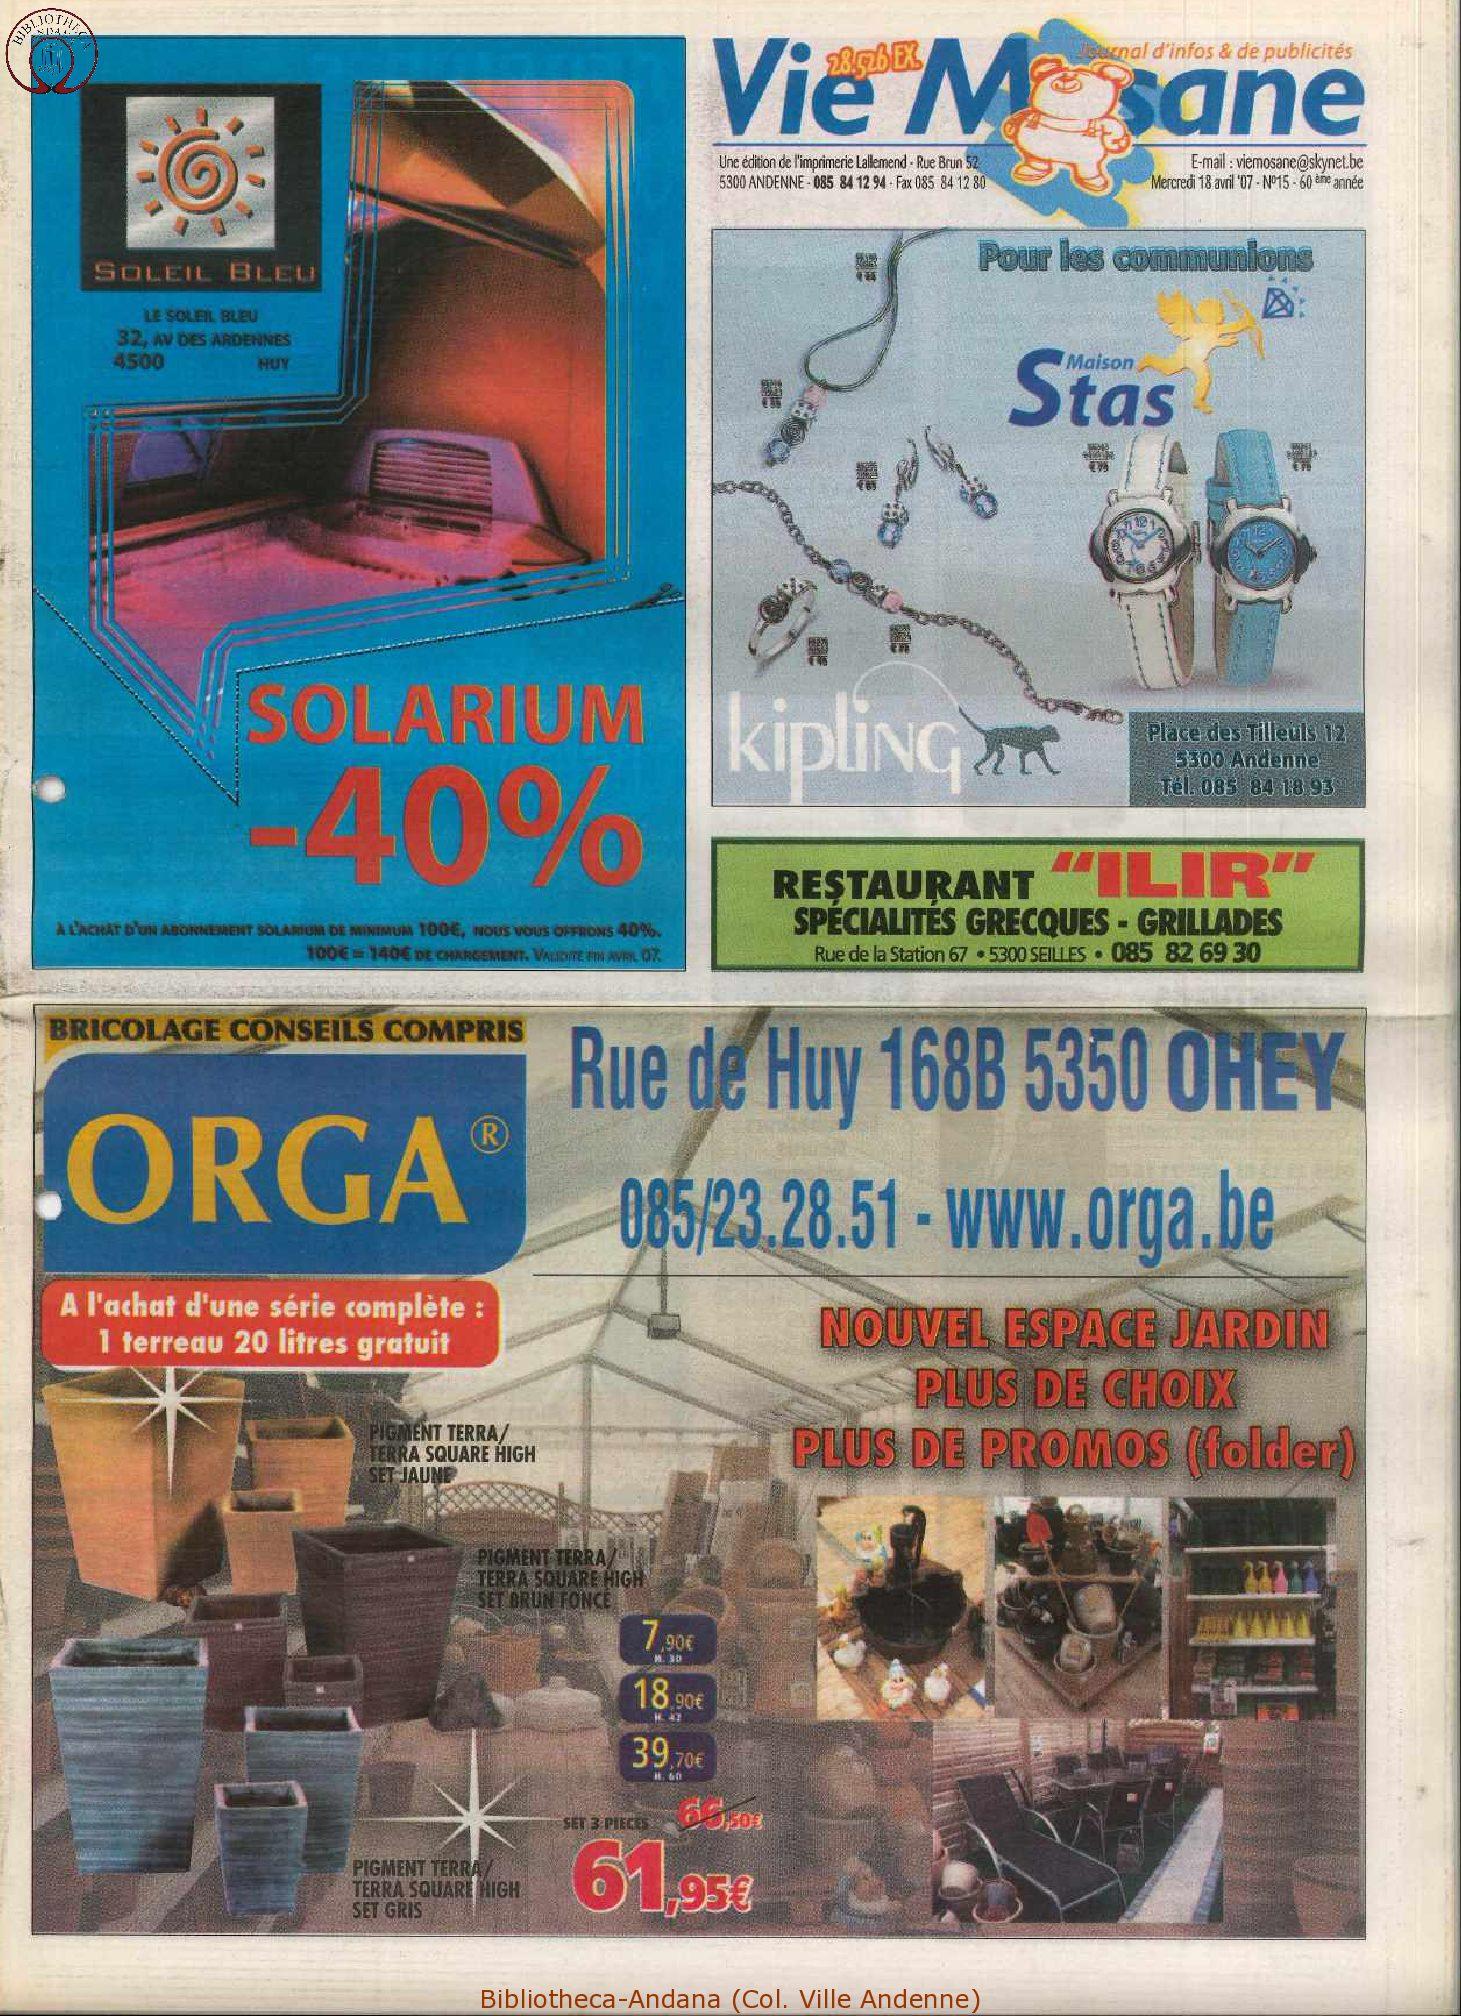 60e année - n°15 - 18 avril 2007